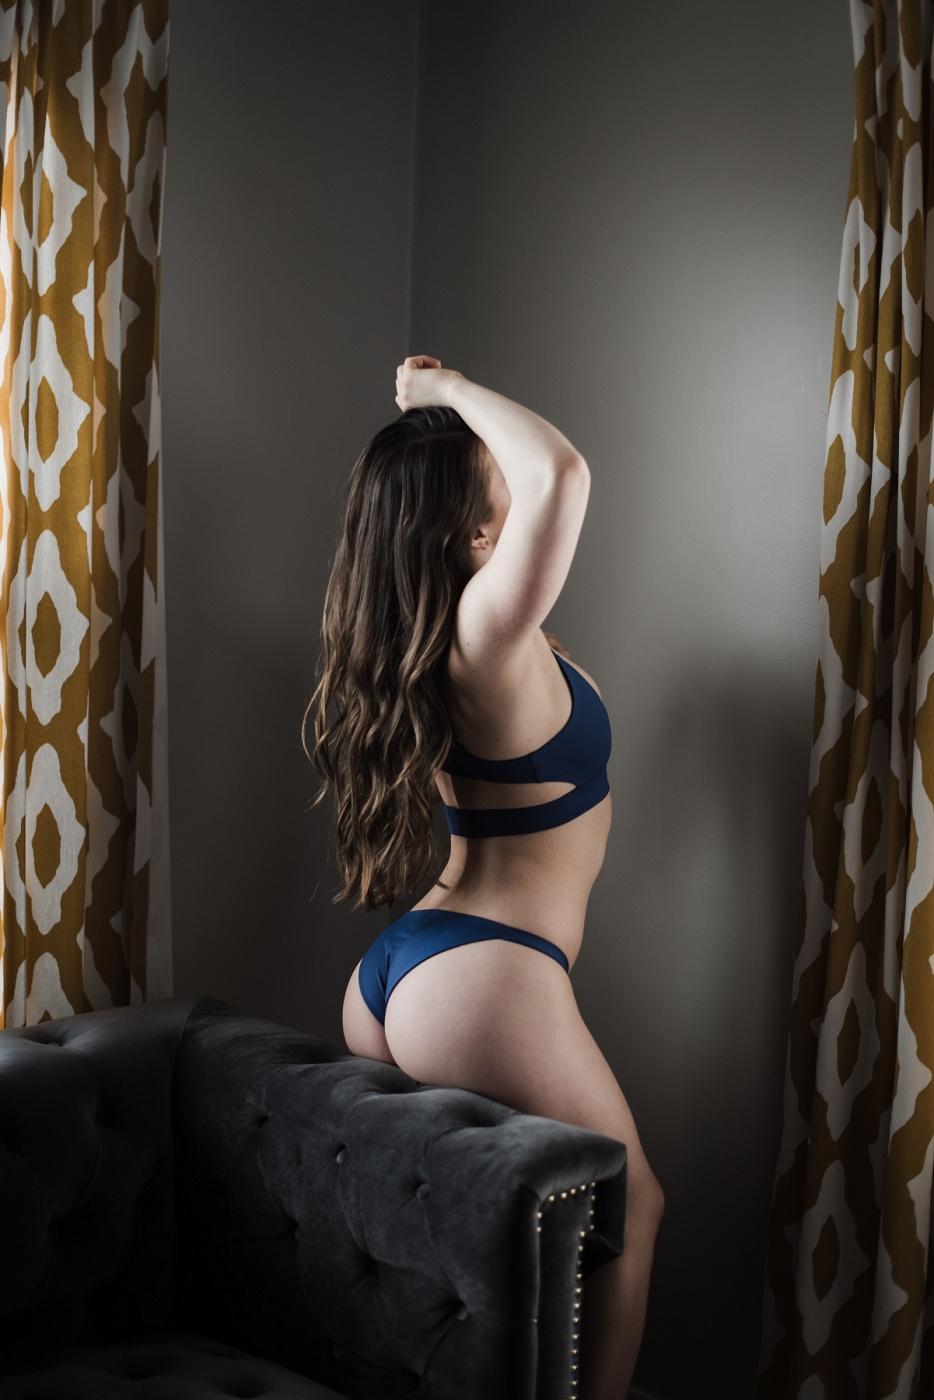 Belle Belmonte